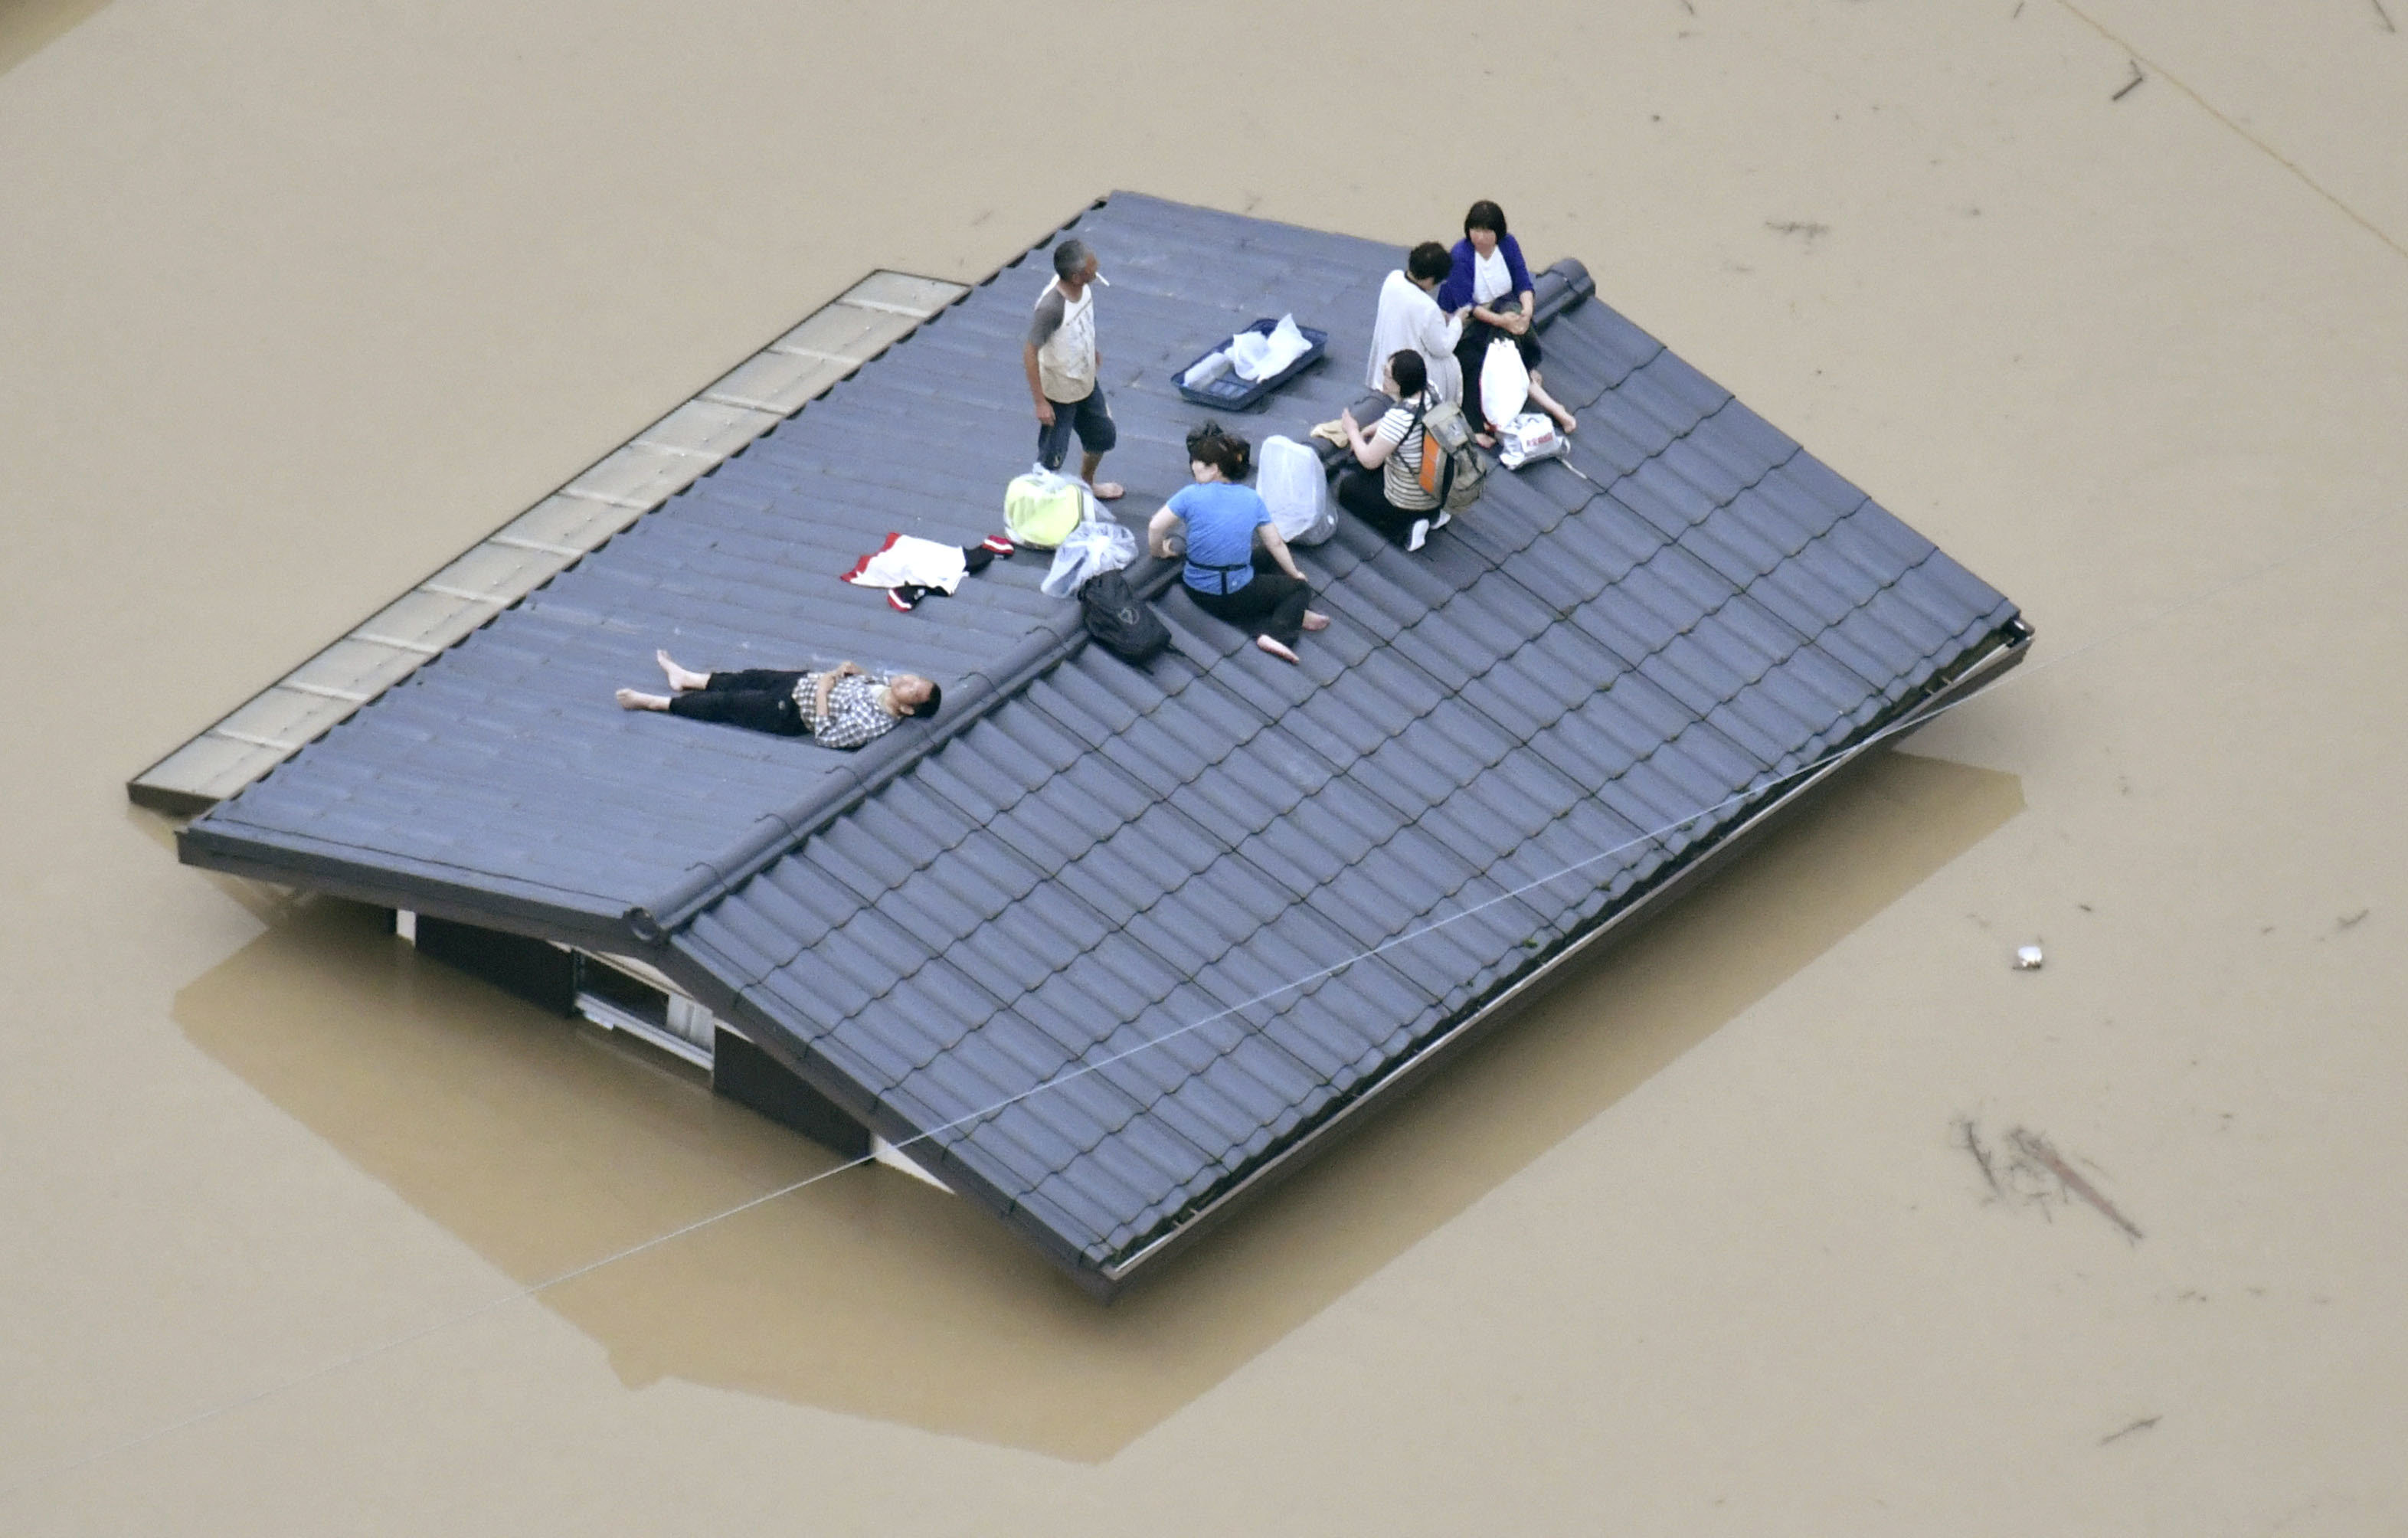 ▲▼洪水徹底淹沒倉敷 民眾孤苦待救受困屋頂。日本大雨,豪雨,倉敷,岡山(圖/路透社)